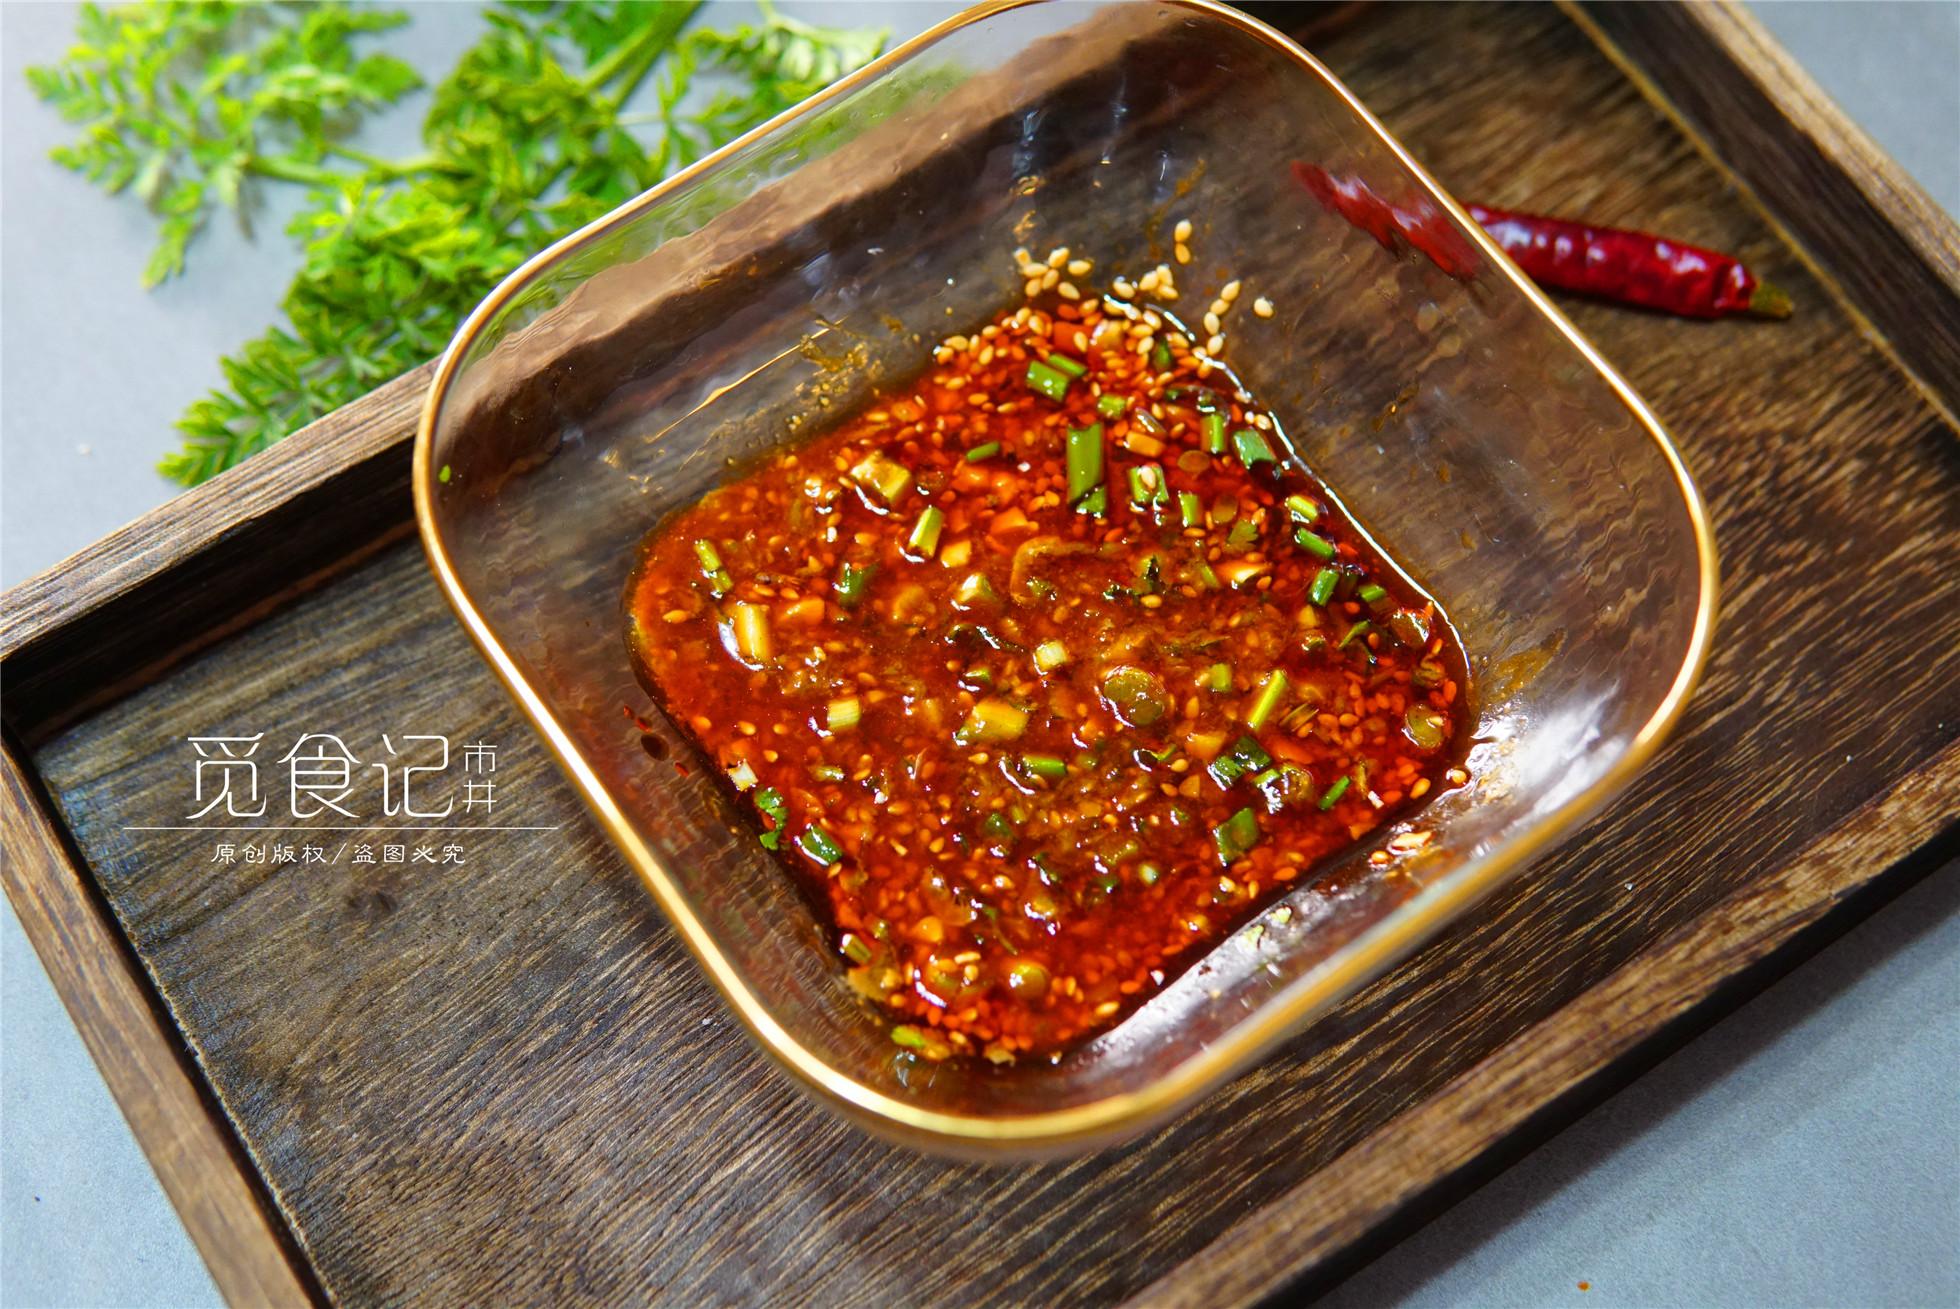 3款超好吃的万能蘸料,吃饺子的绝配,蘸啥都香! 万能蘸料 第7张